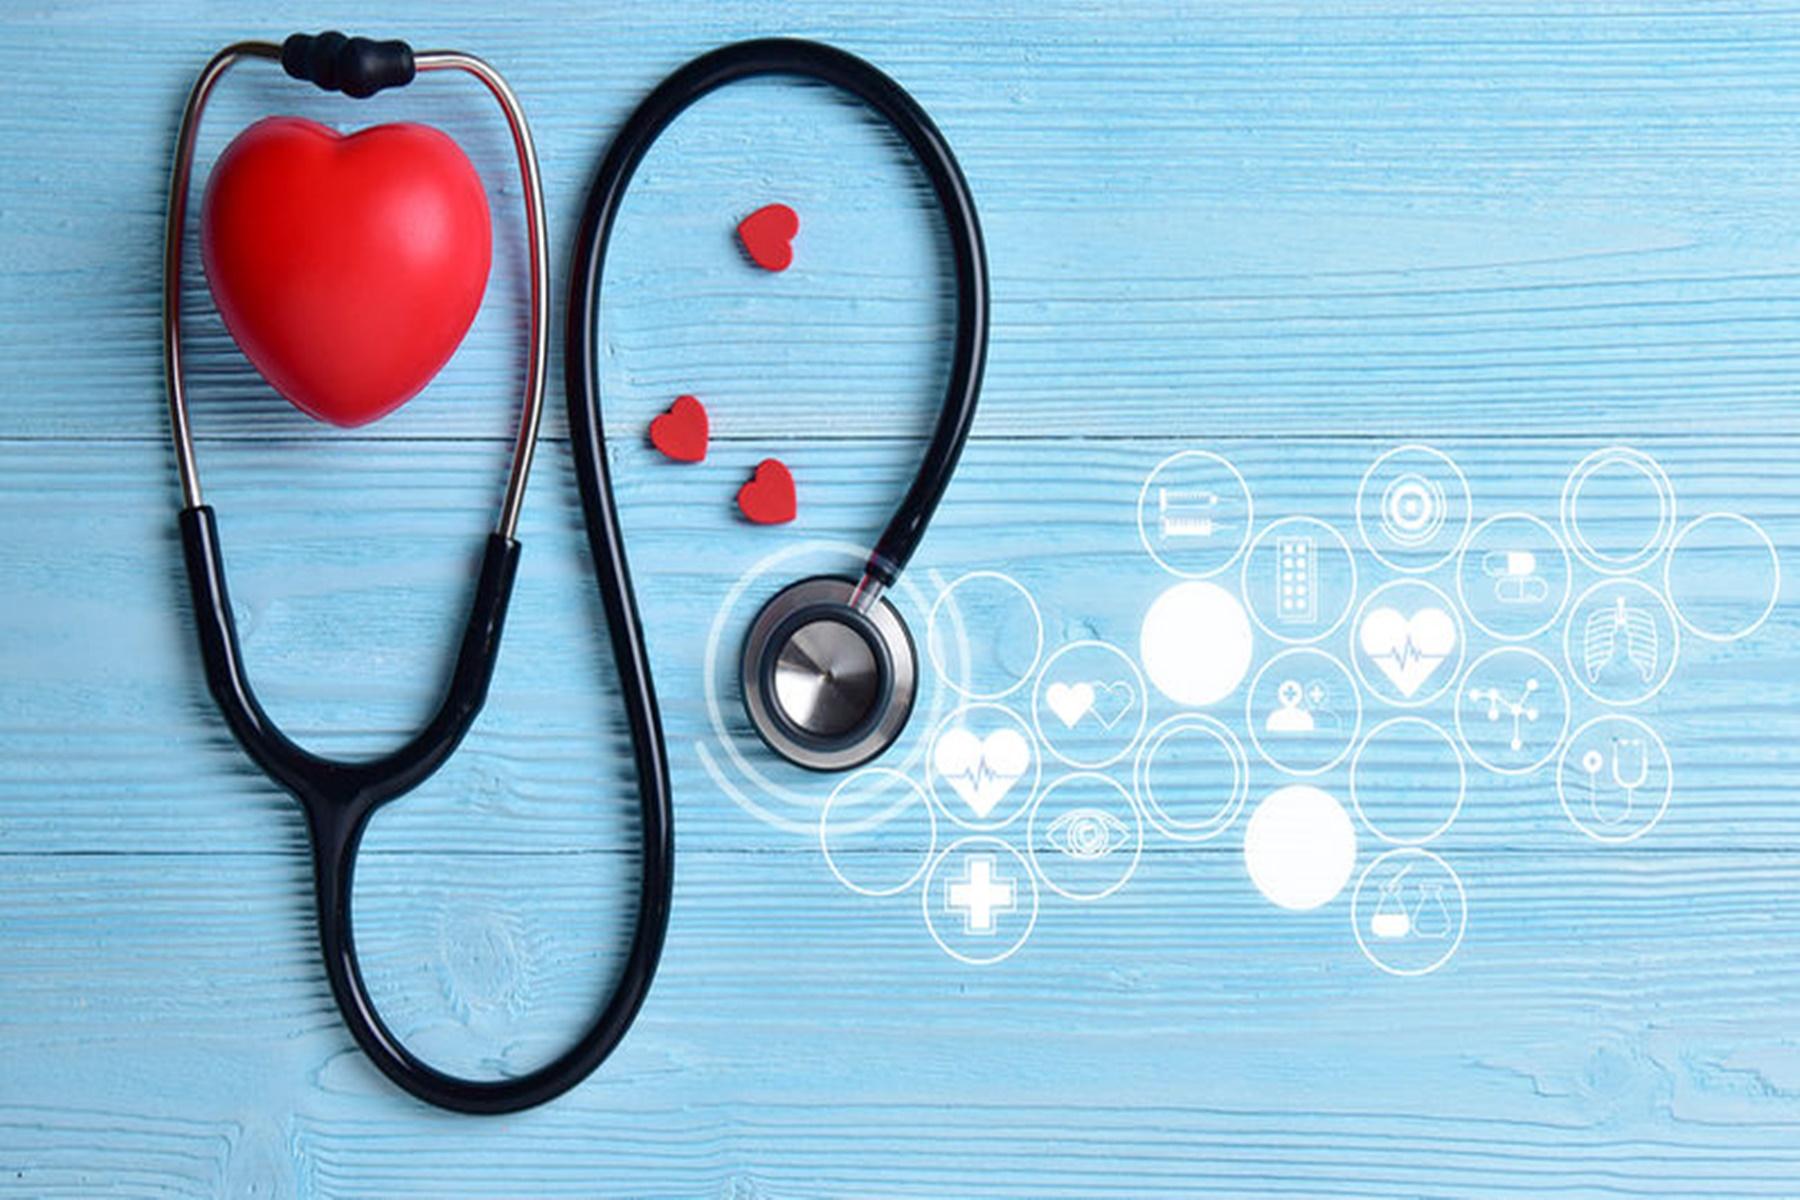 Καρδιακή ανεπάρκεια : Επιπλοκή της λοίμωξης του Κορωνοιού